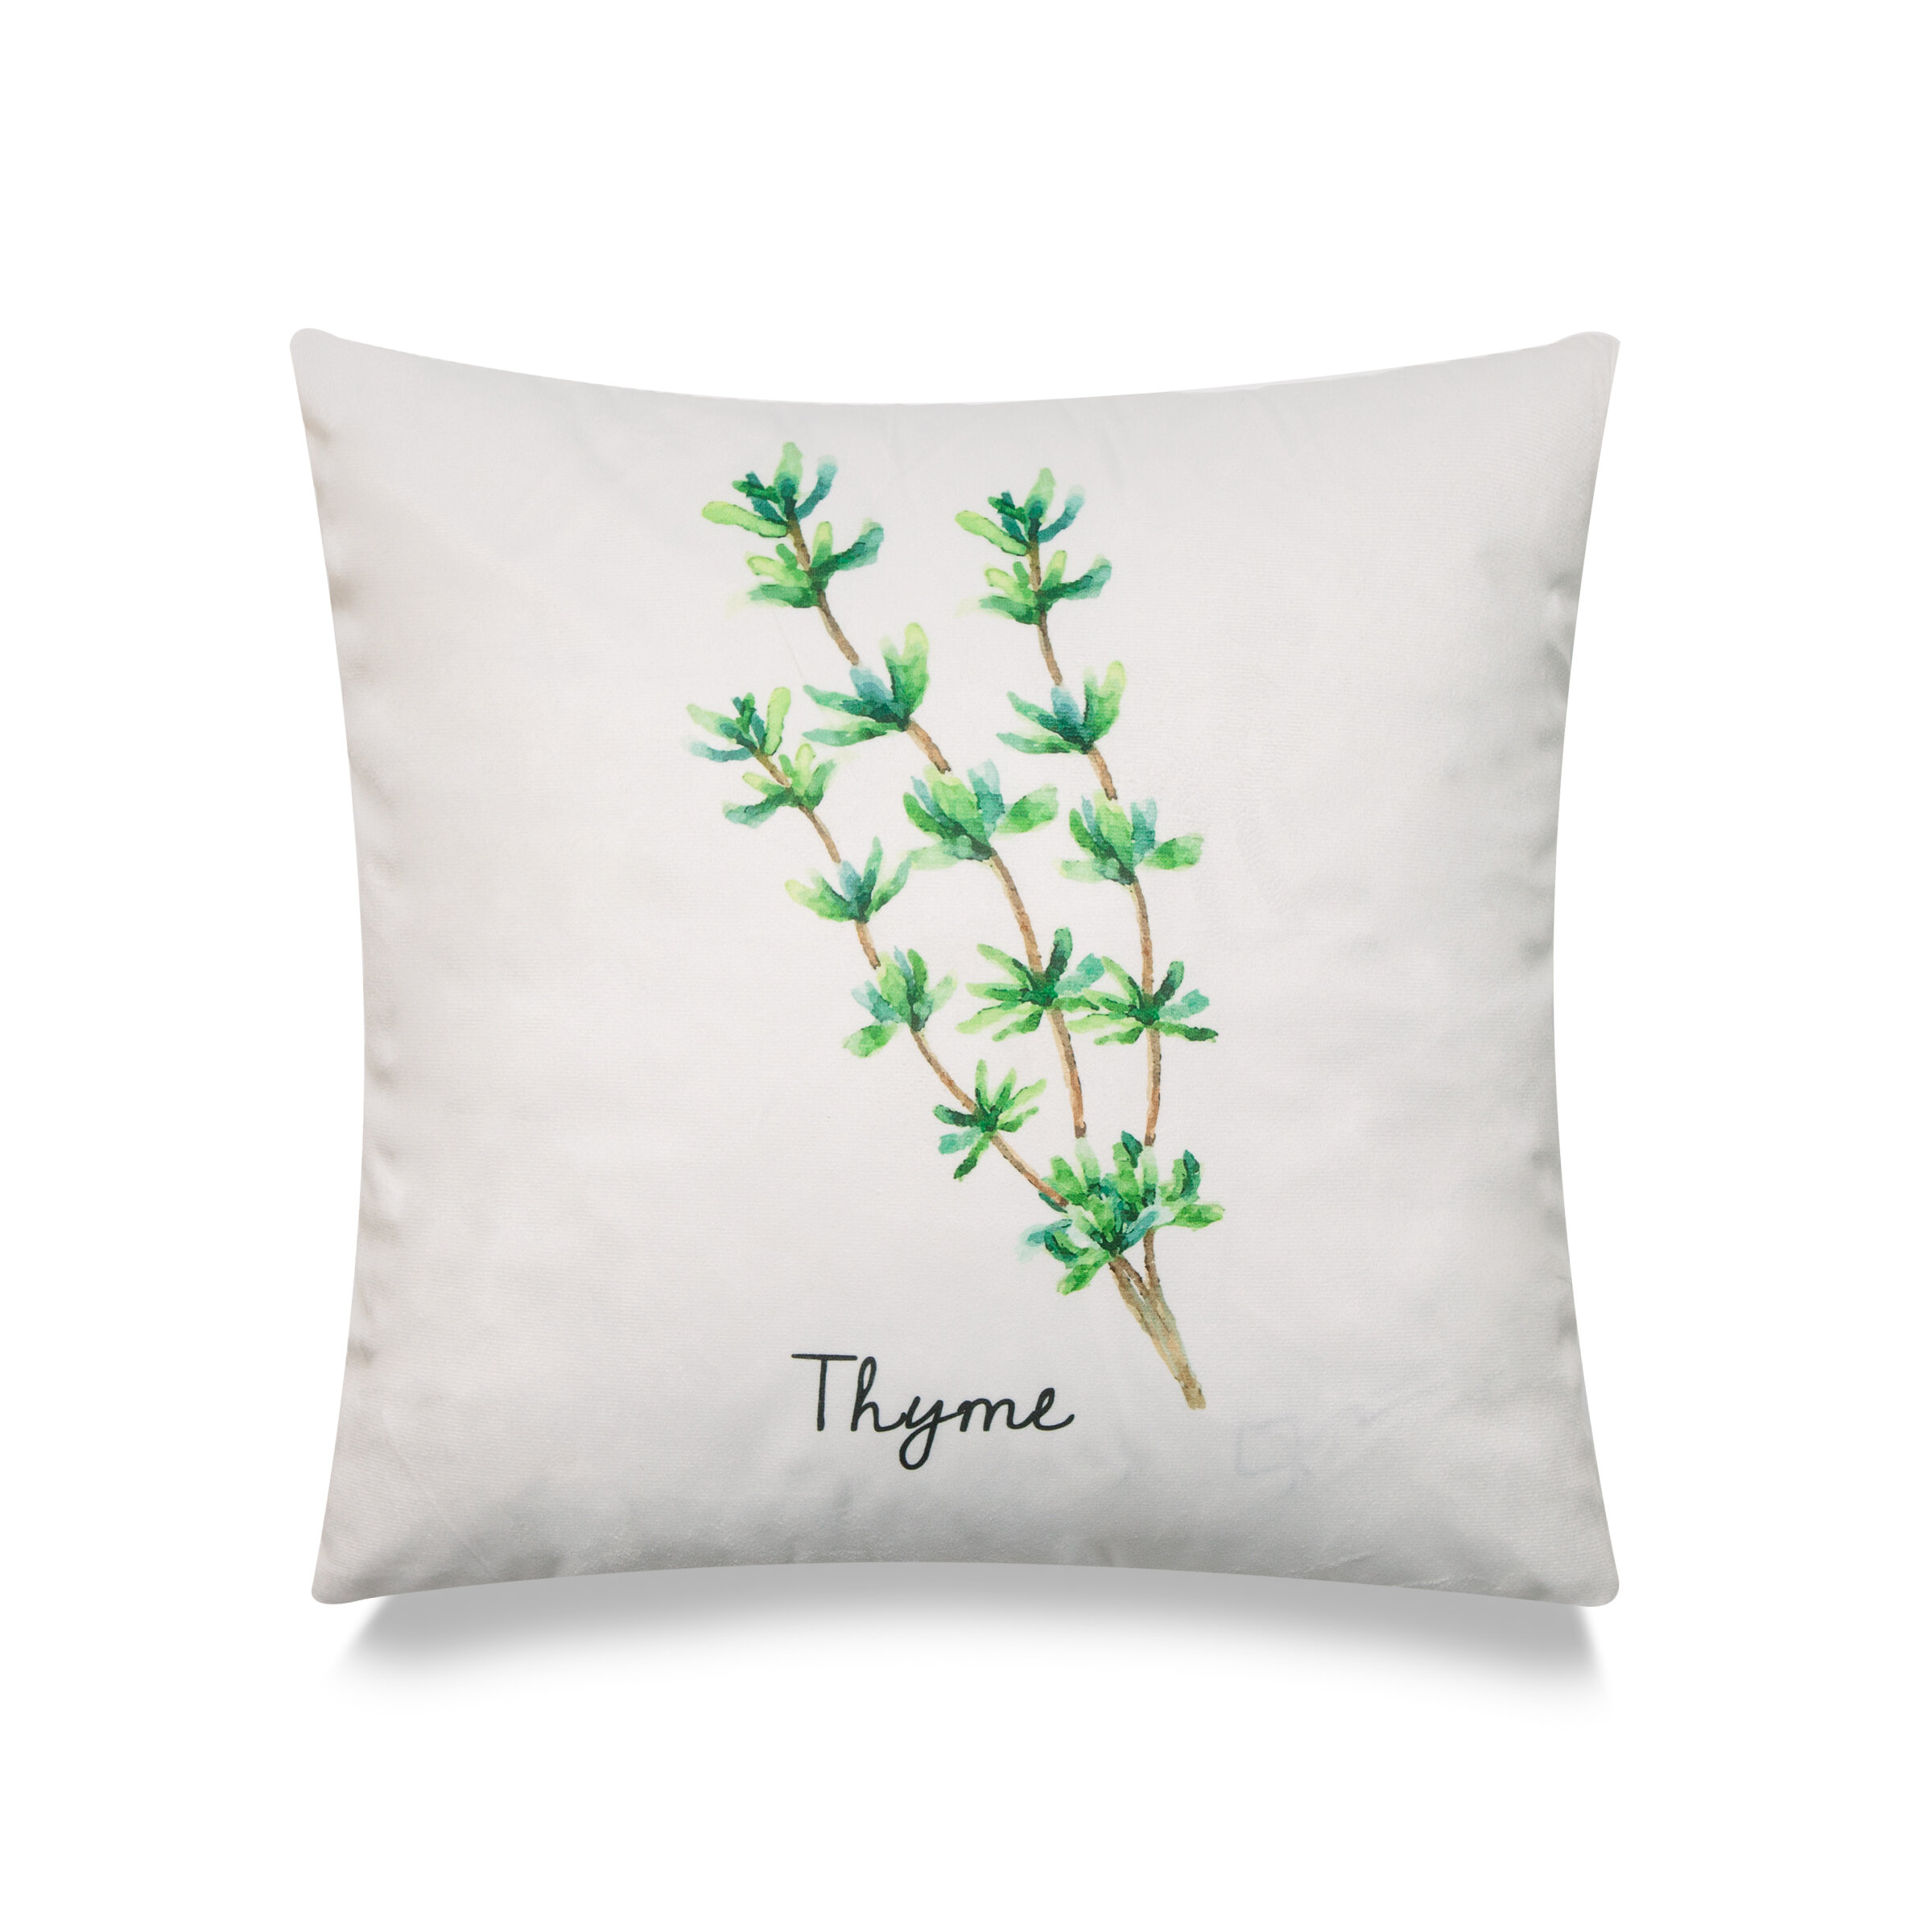 Gracie Oaks Kinnear Thyme Throw Pillow Cover Wayfair